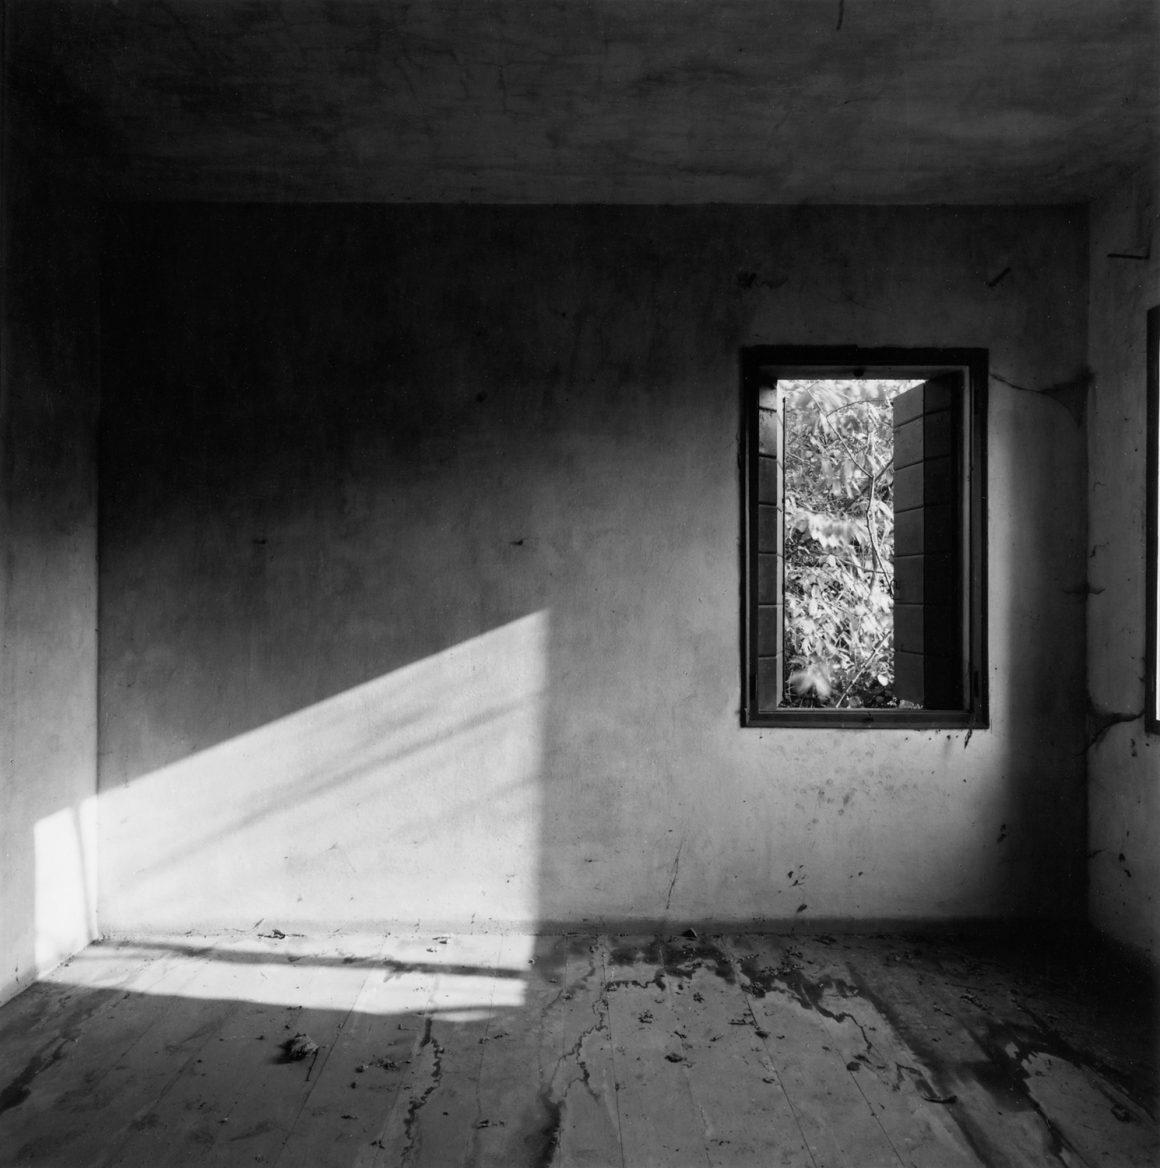 Guido Guidi, Preganziol, 1983, stampa ai sali d'argento, cm 24x30, © Guido Guidi, courtesy Viasaterna